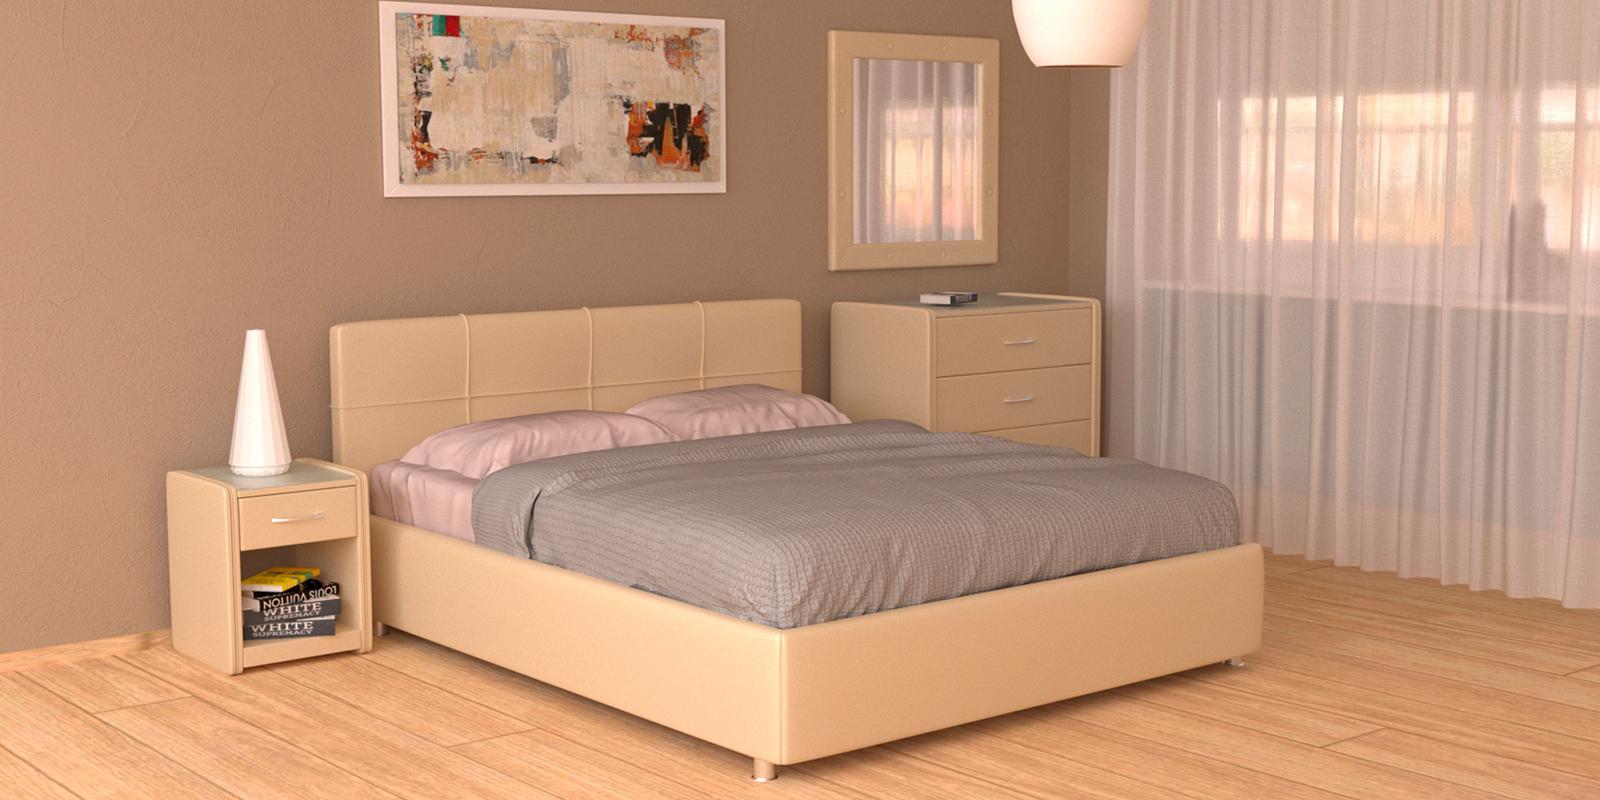 Купить Мягкая кровать 200х160 Малибу вариант №10 с ортопедическим основанием (Бежевый), HomeMe